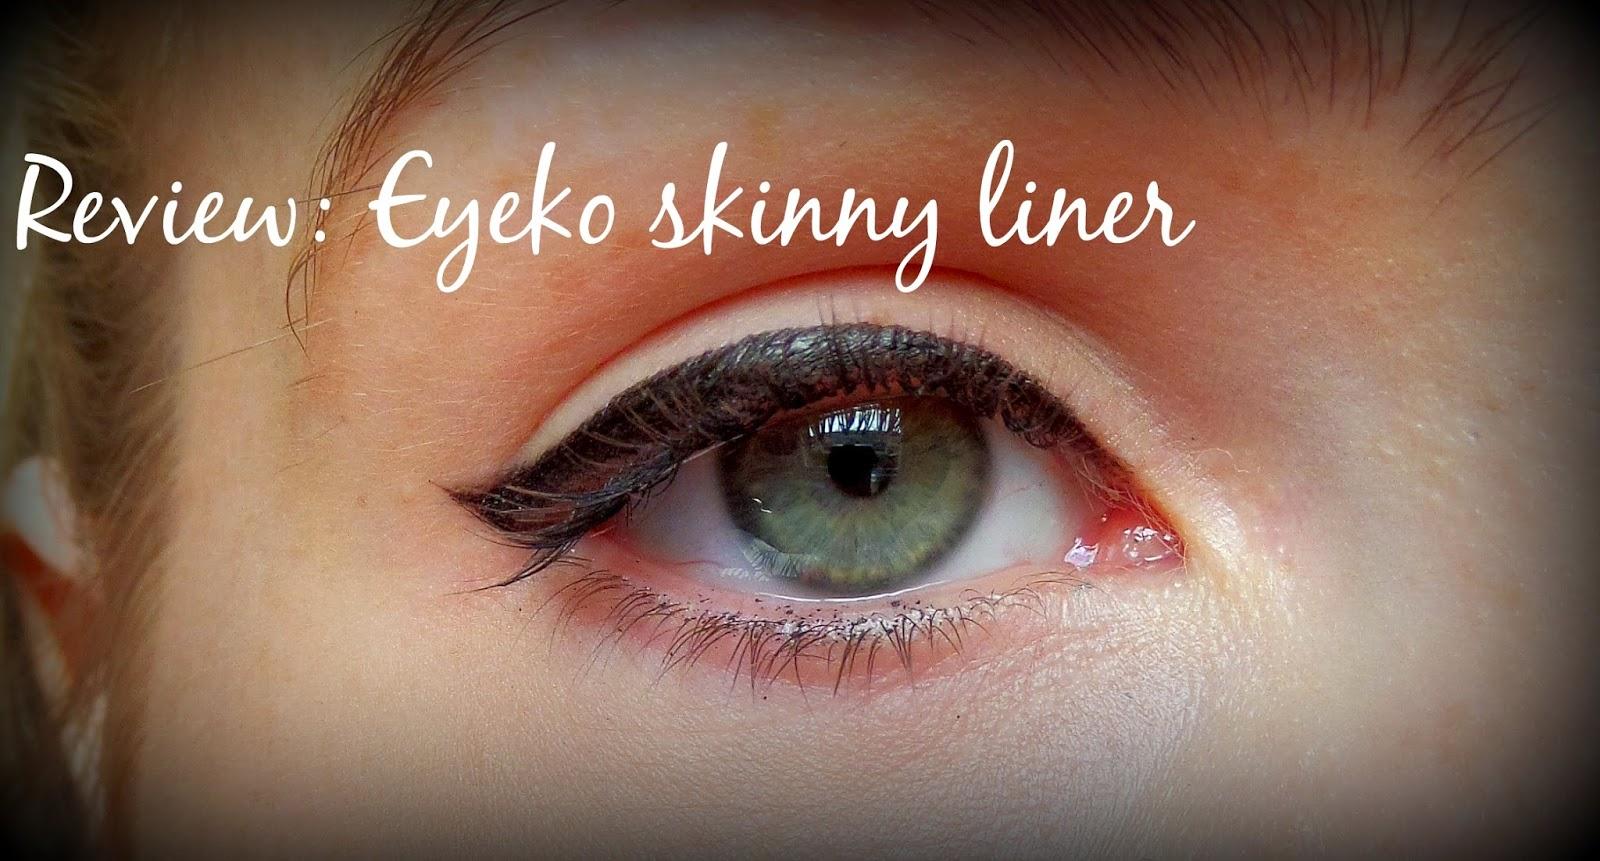 Review: Eyeko Skinny Liquid Eyeliner